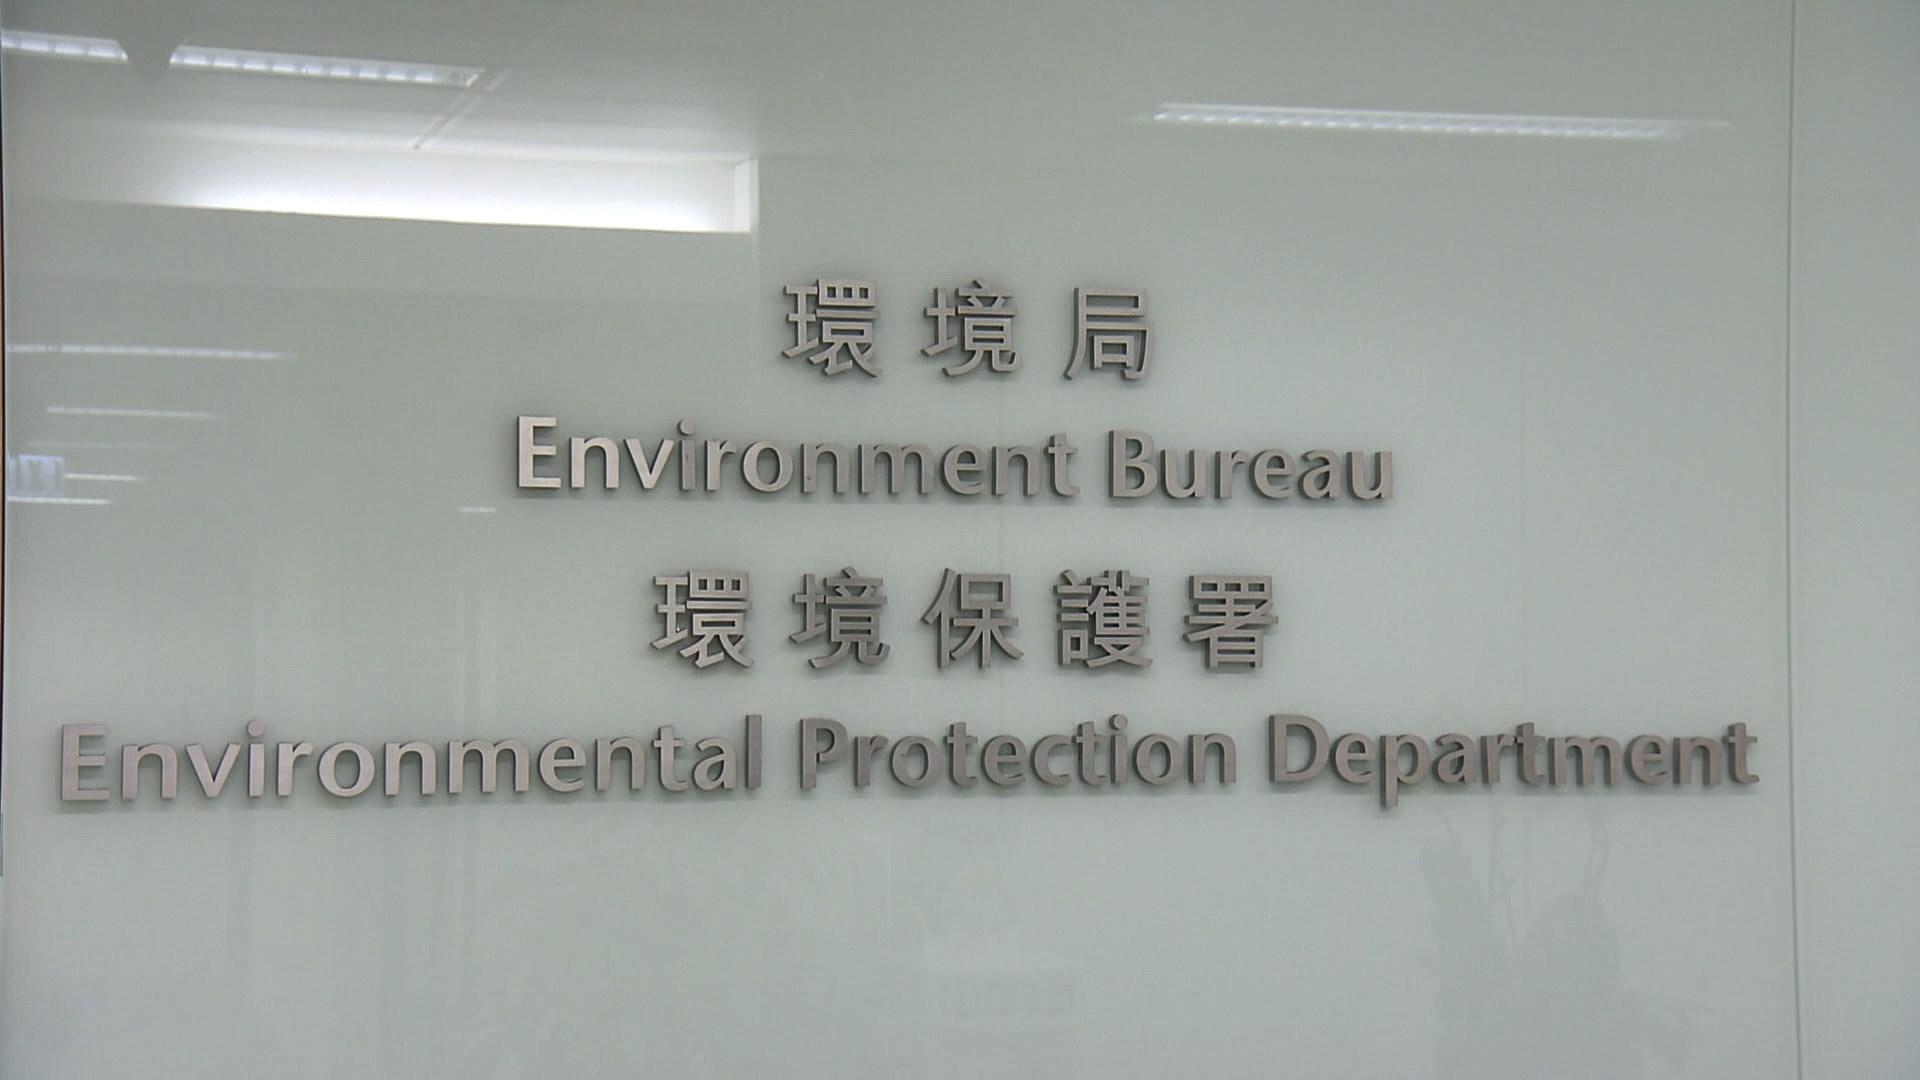 環保署:已派員到威院巡查及了解情況